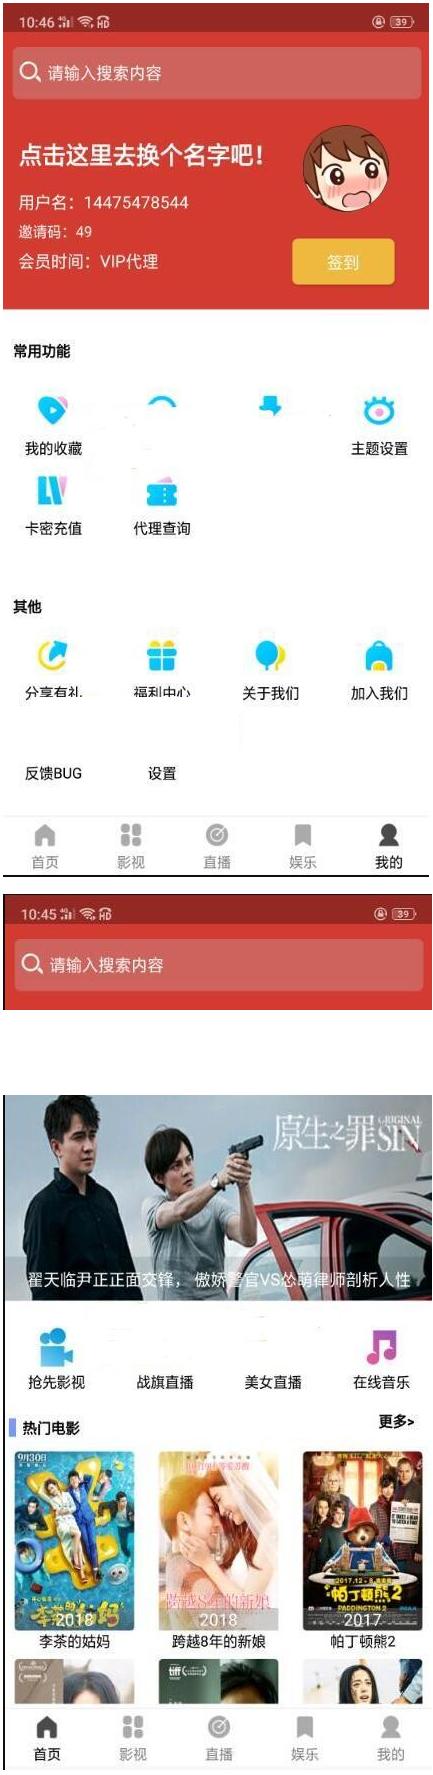 最新版本人人视频收费版去授权+安装说明+app